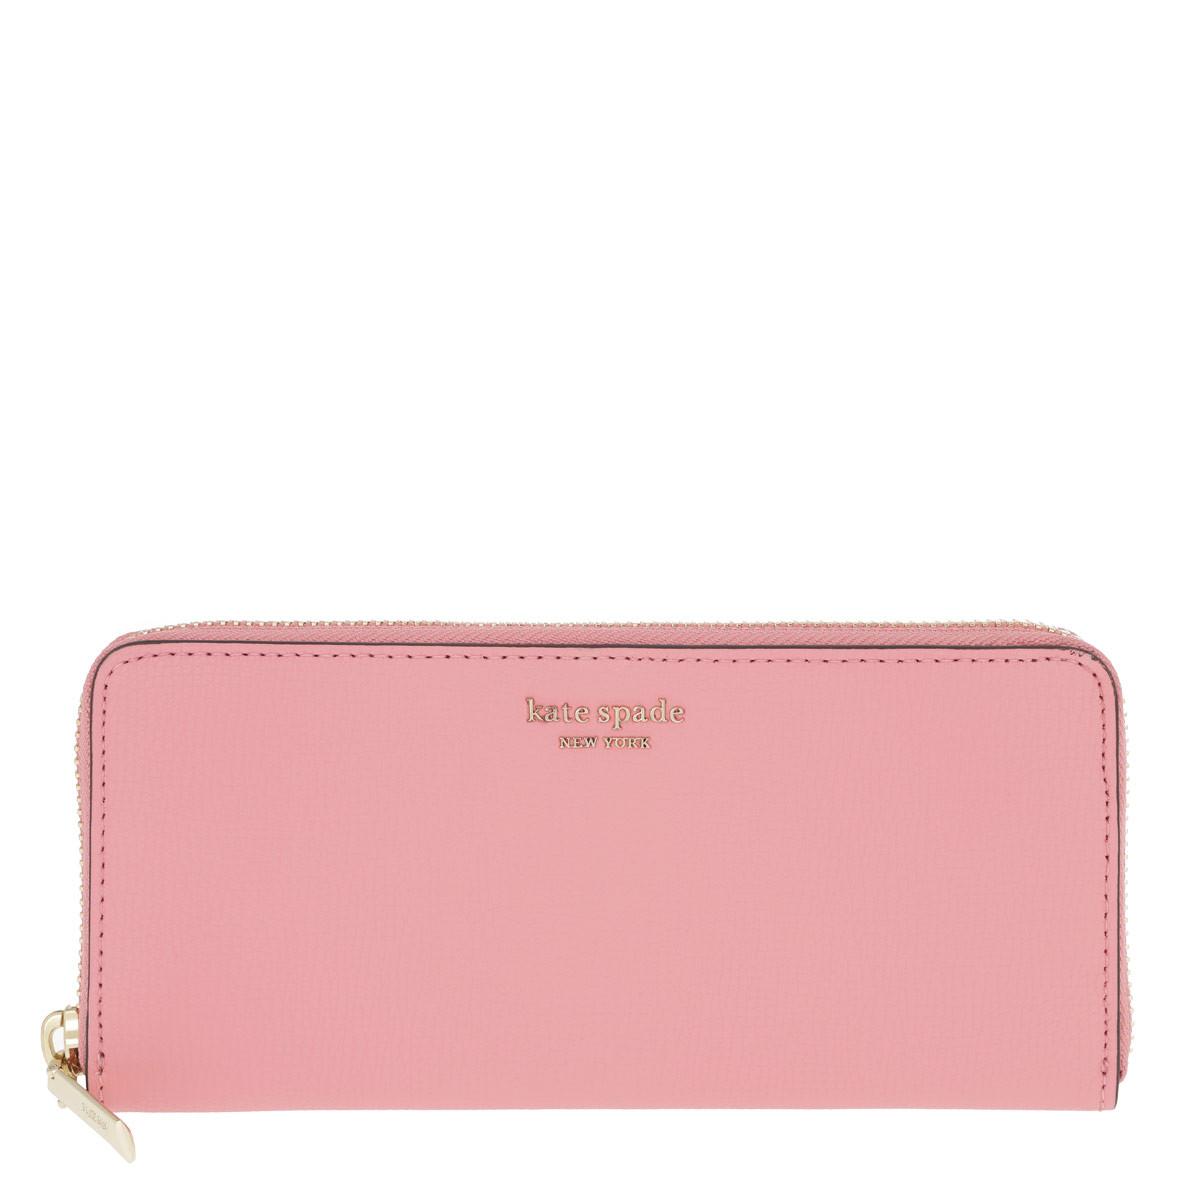 Kate Spade New York Portemonnaie - Sylvia Small Wallet Rococopink - in pink - für Damen